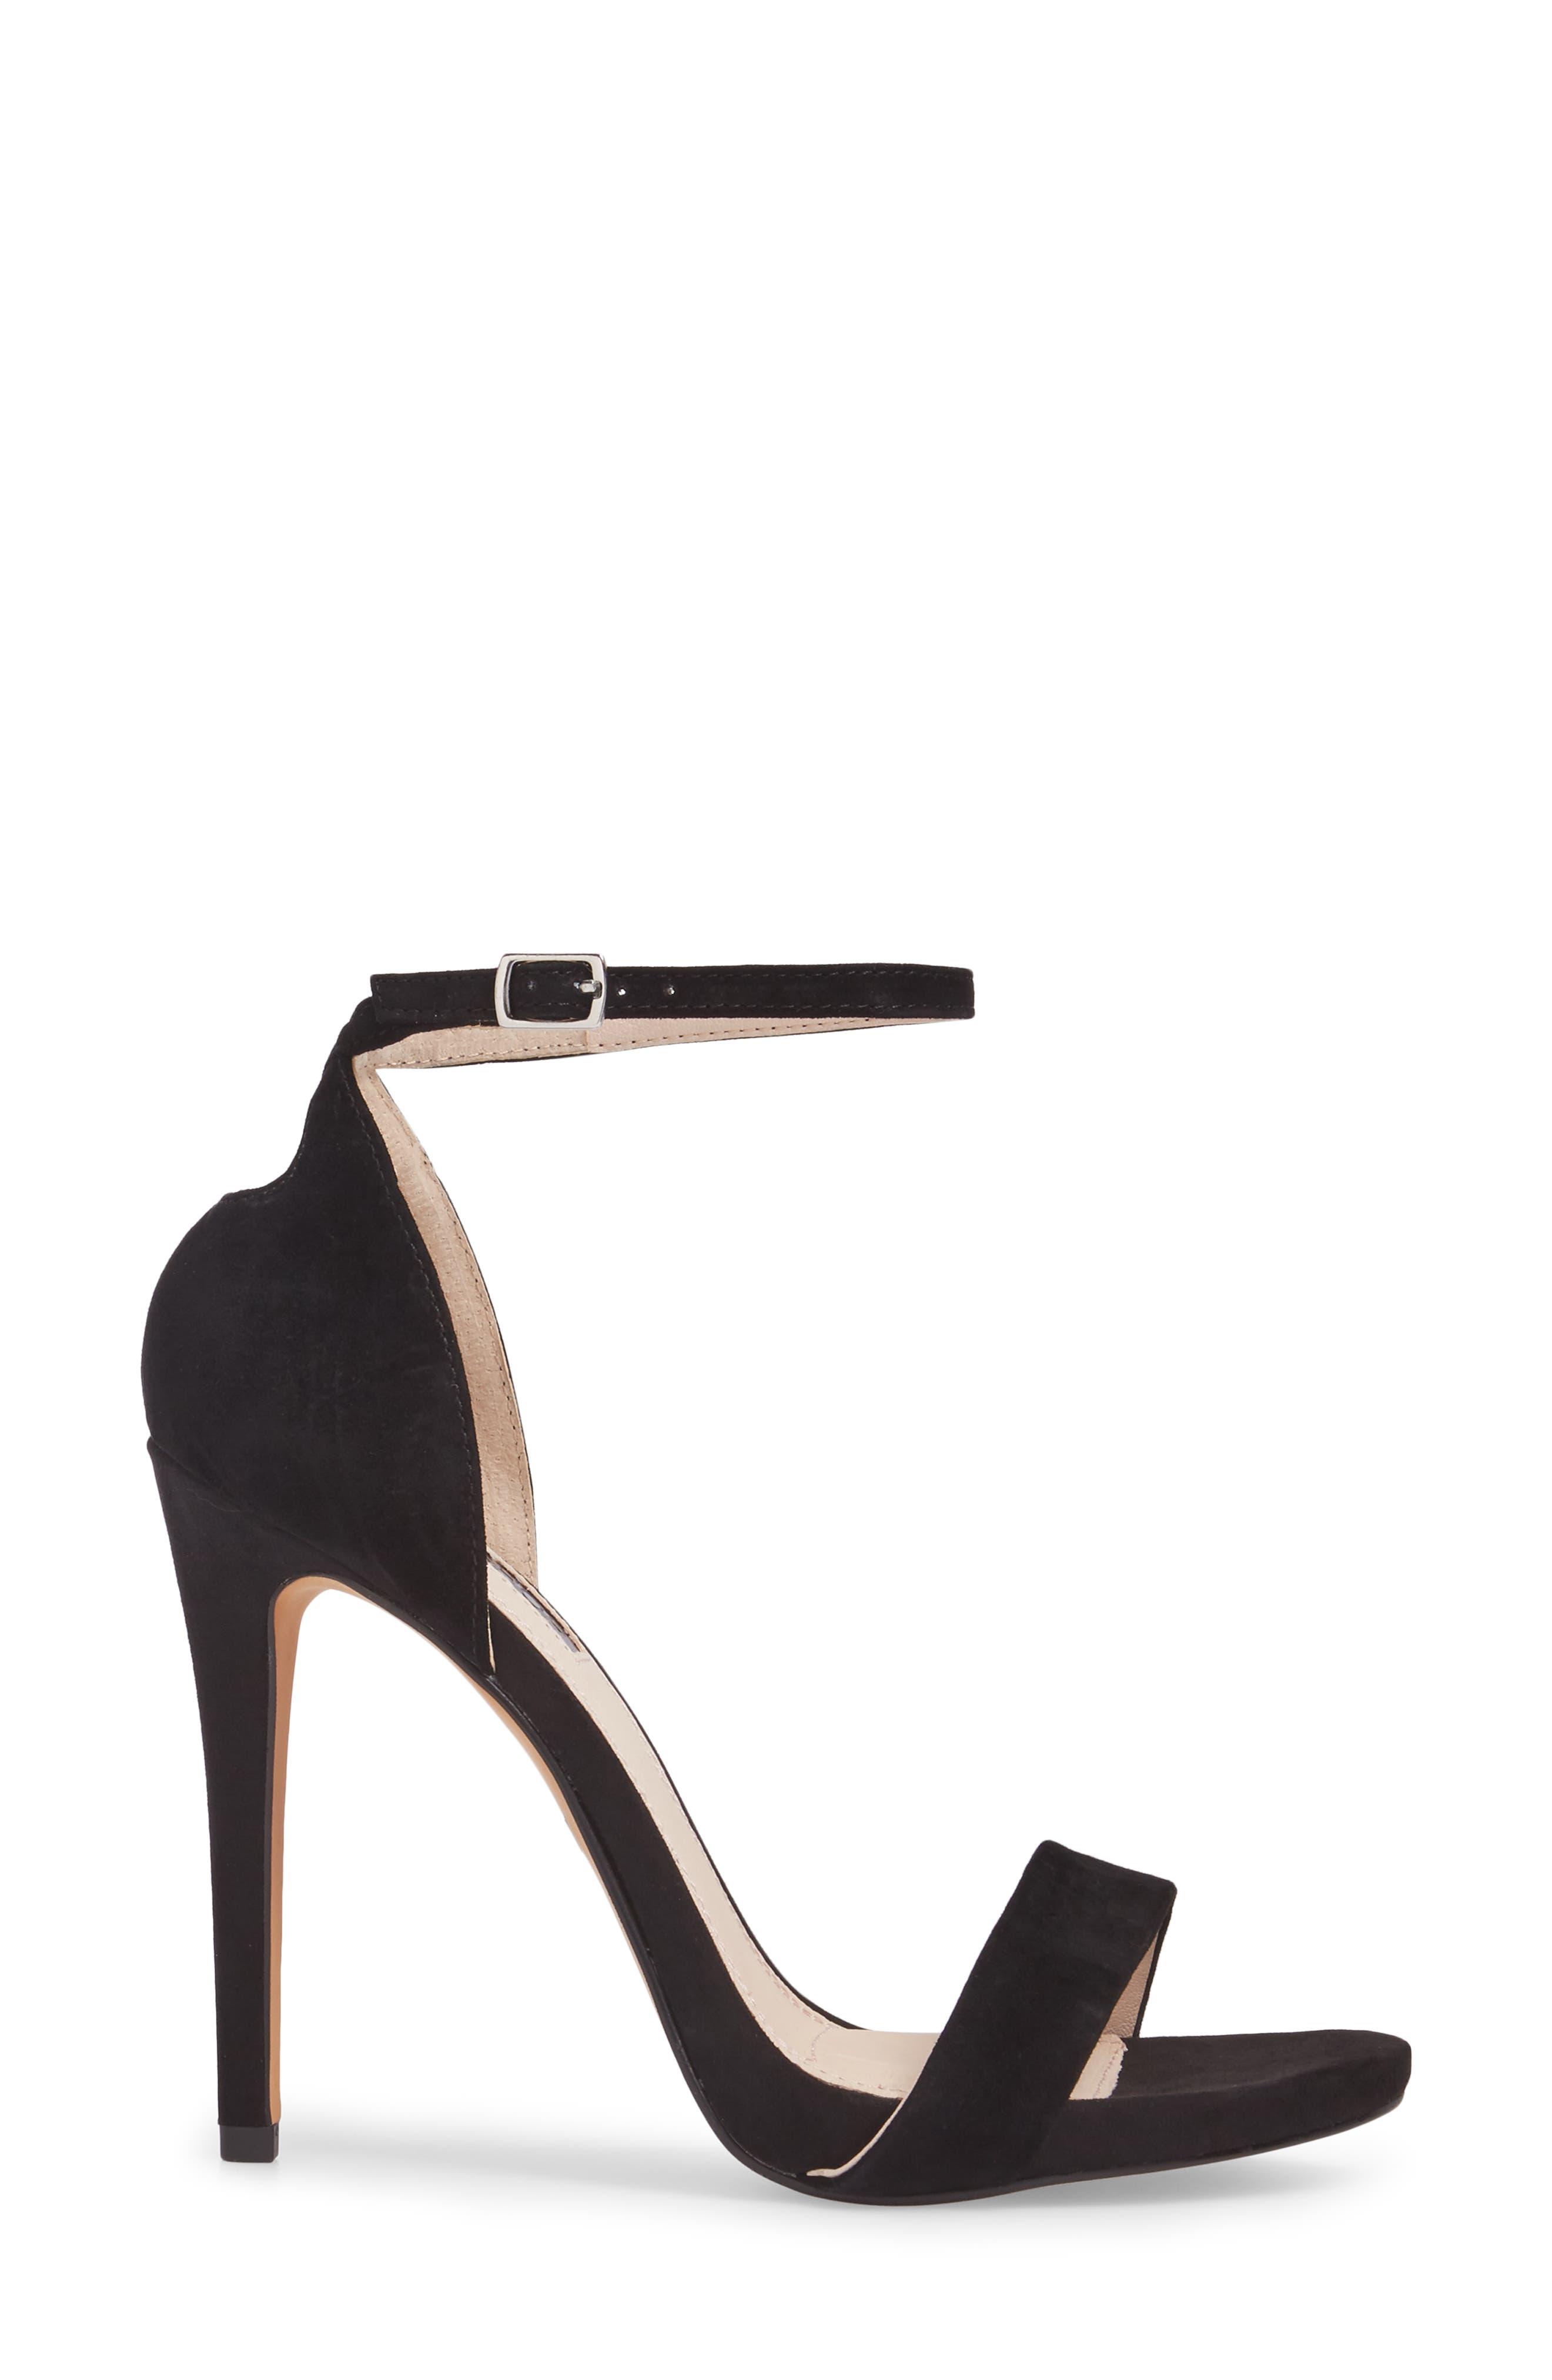 Raphie Ankle Strap Sandal,                             Alternate thumbnail 3, color,                             001